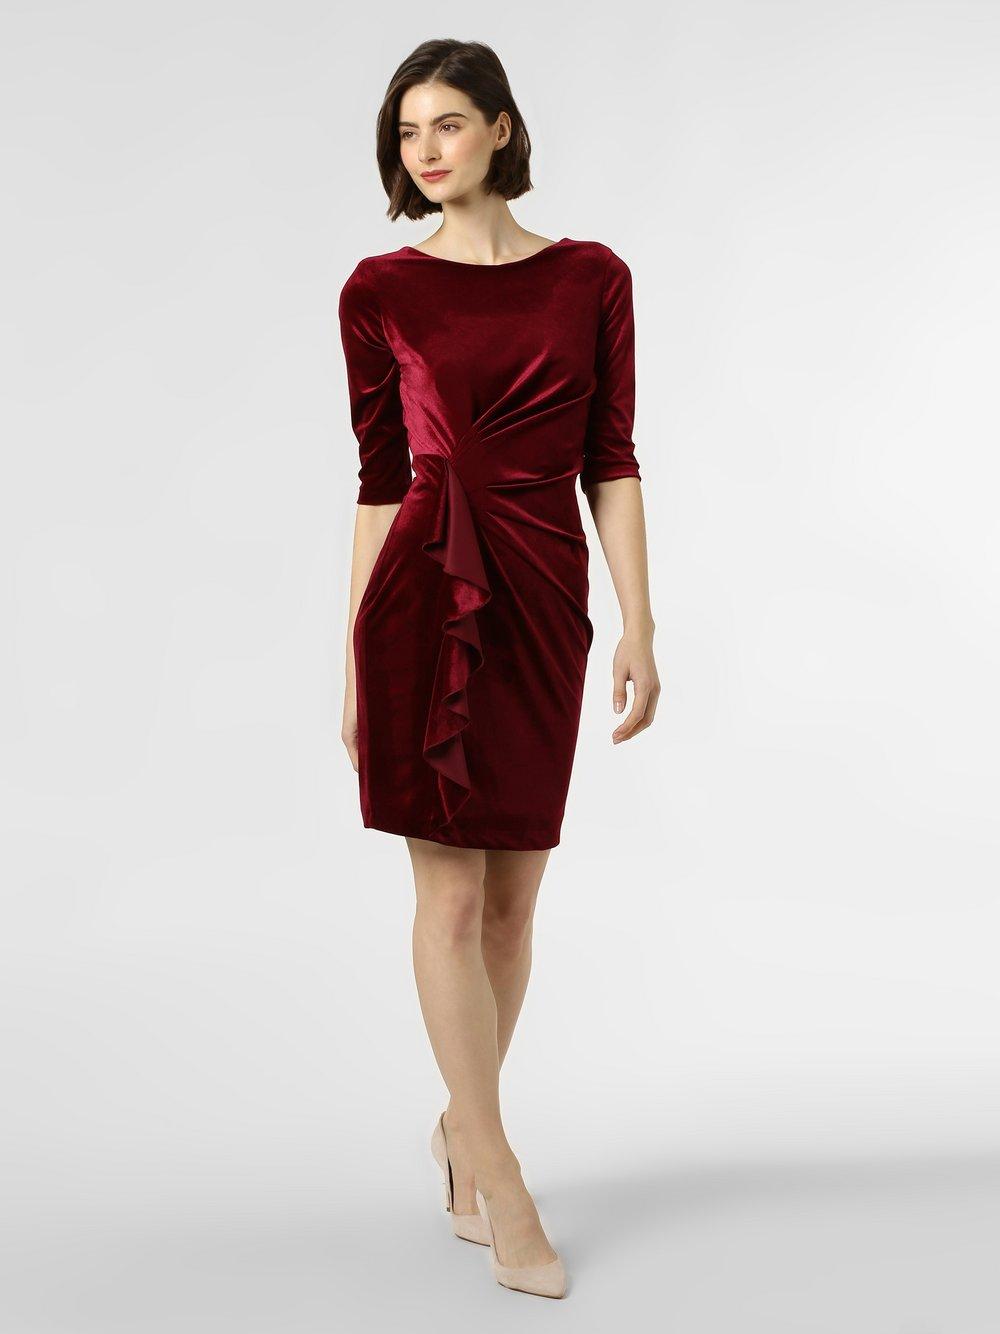 Paradi Damen Kleid online kaufen  VANGRAAF.COM